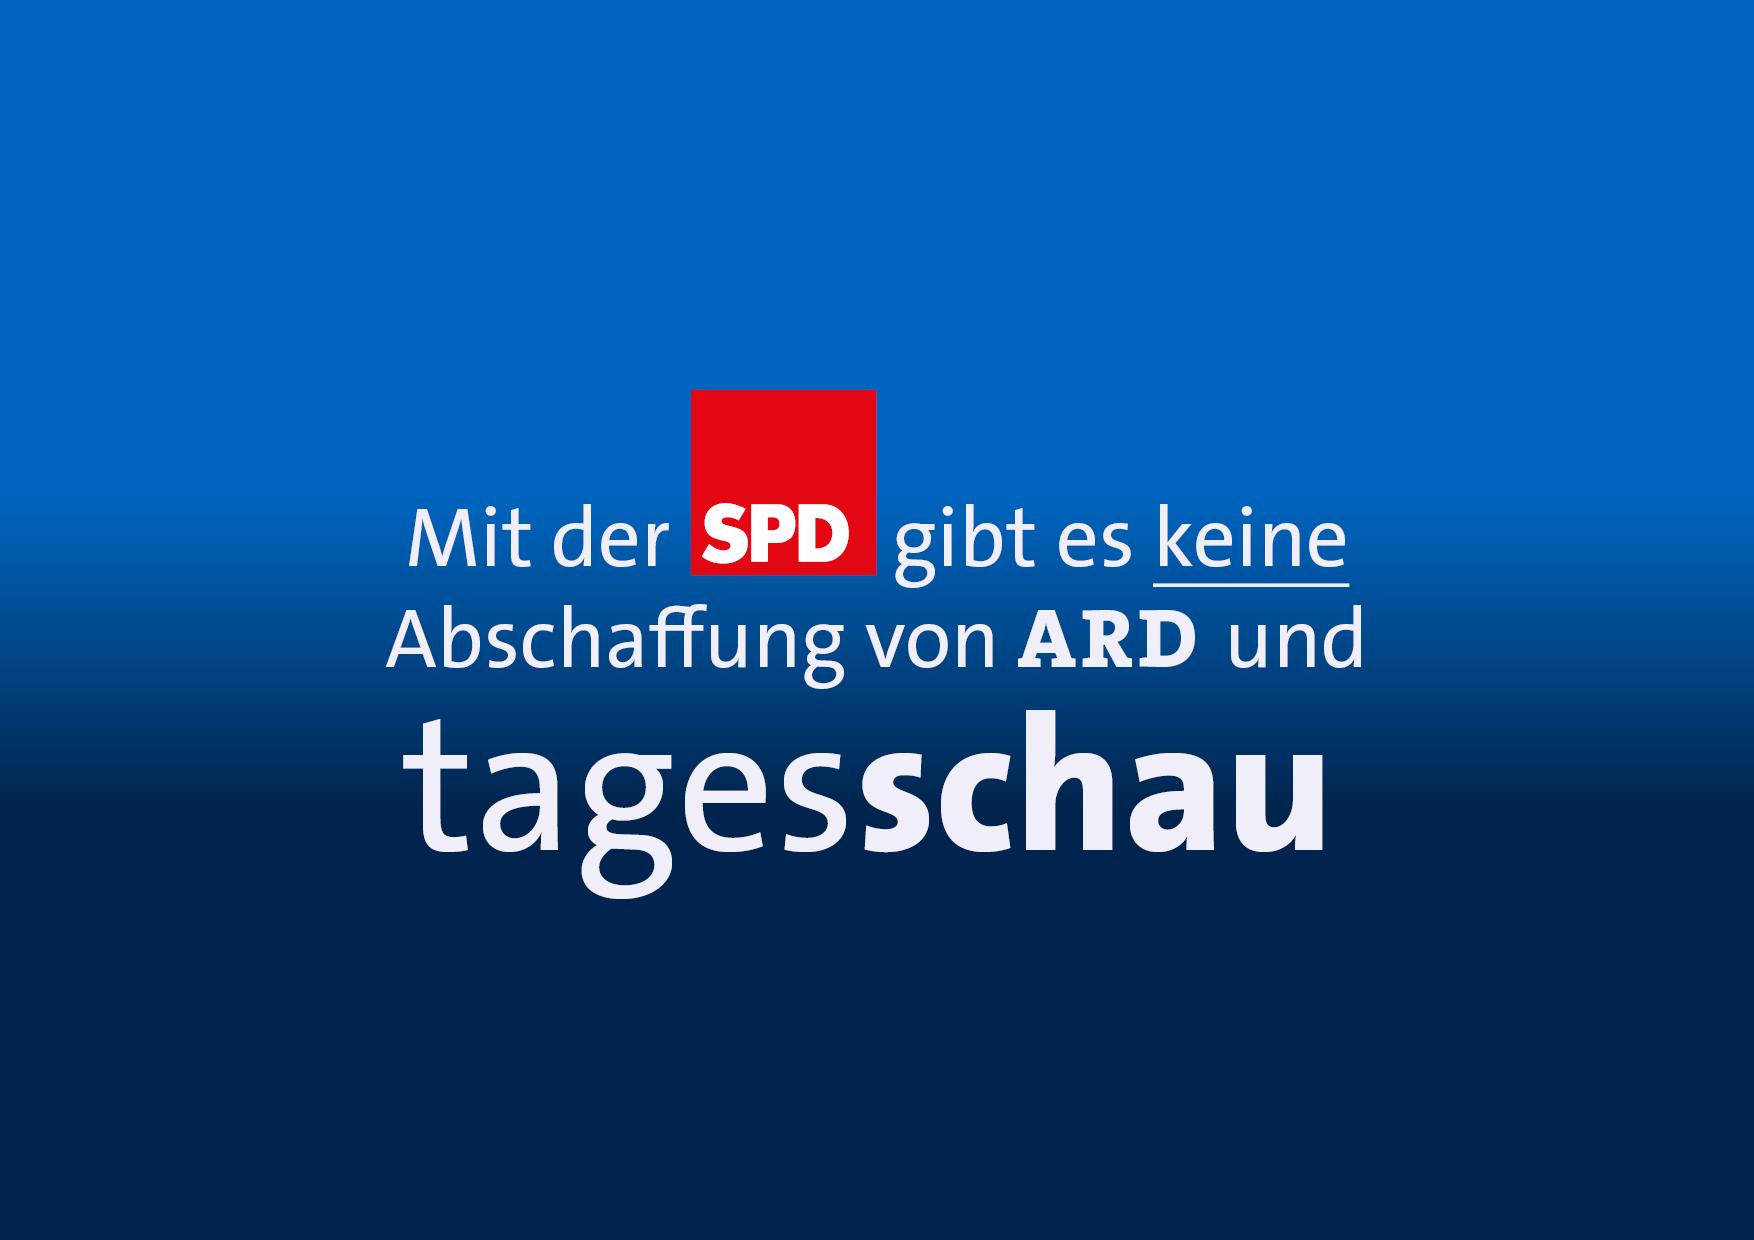 Mit der SPD gibt es keine Abschaffung von ARD und Tagesschau